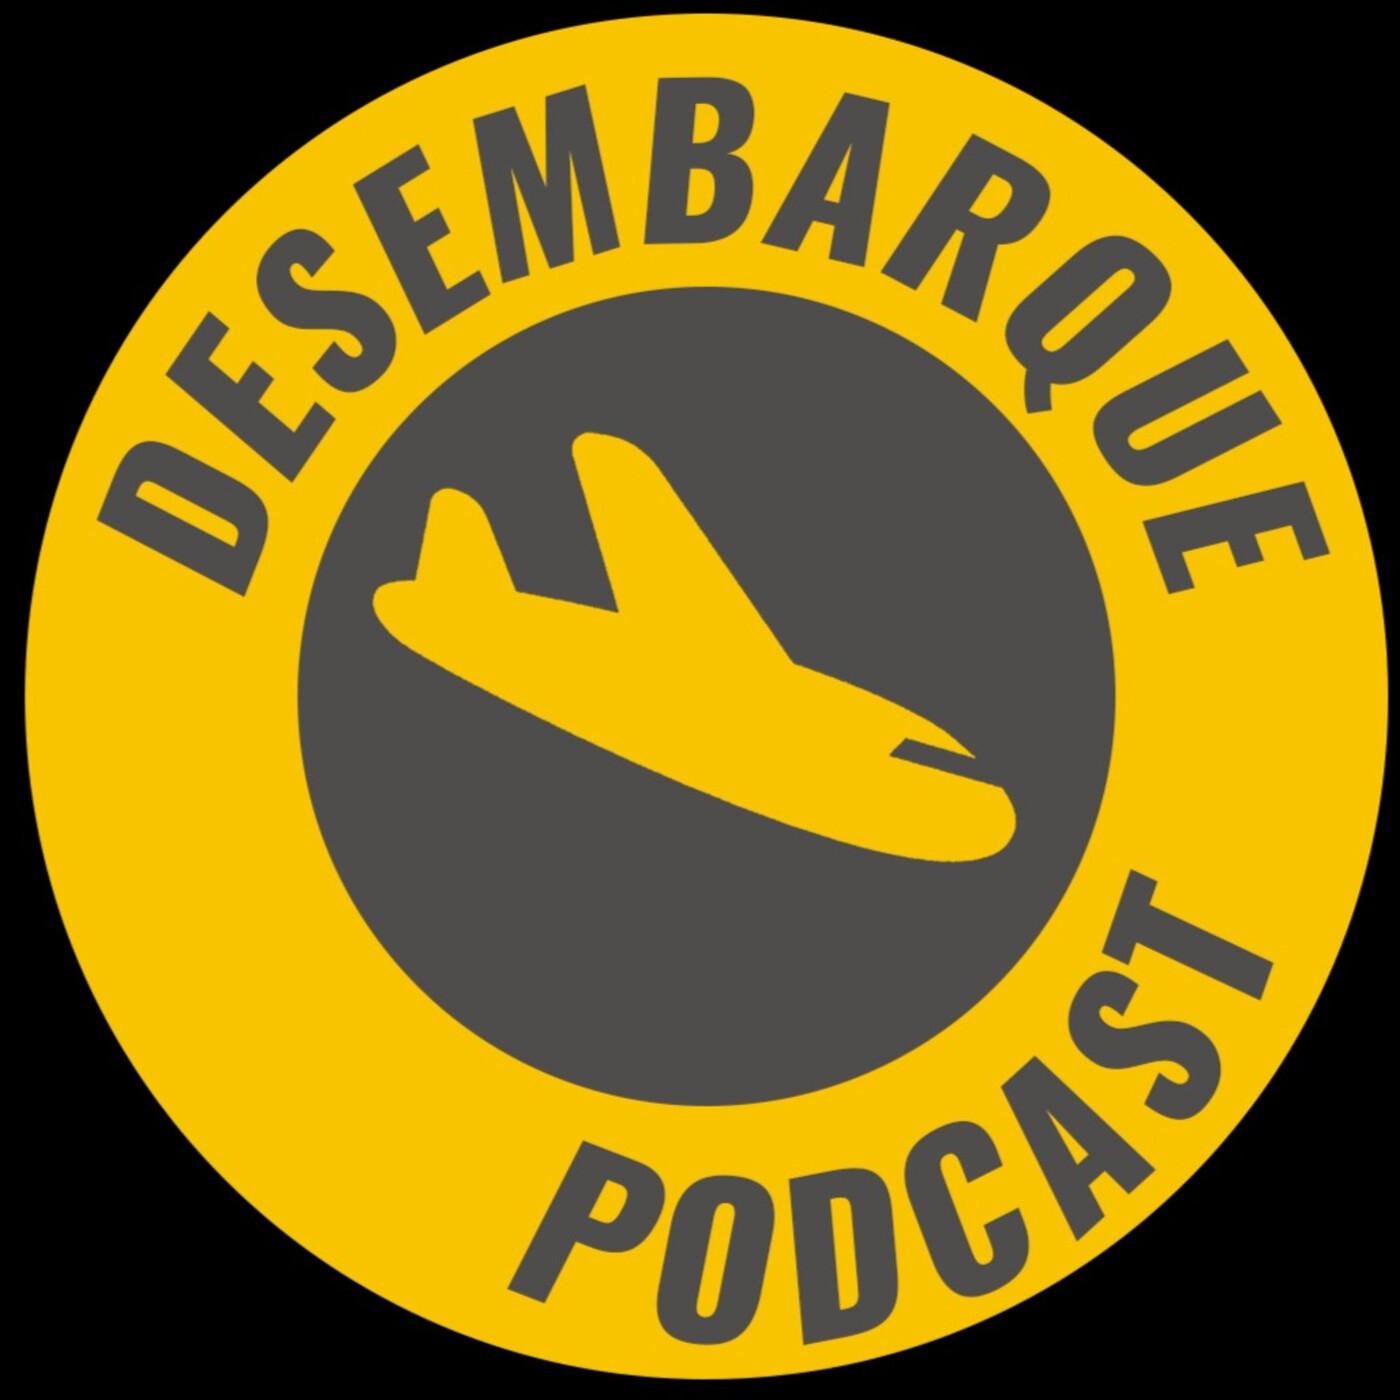 Desembarque Podcast